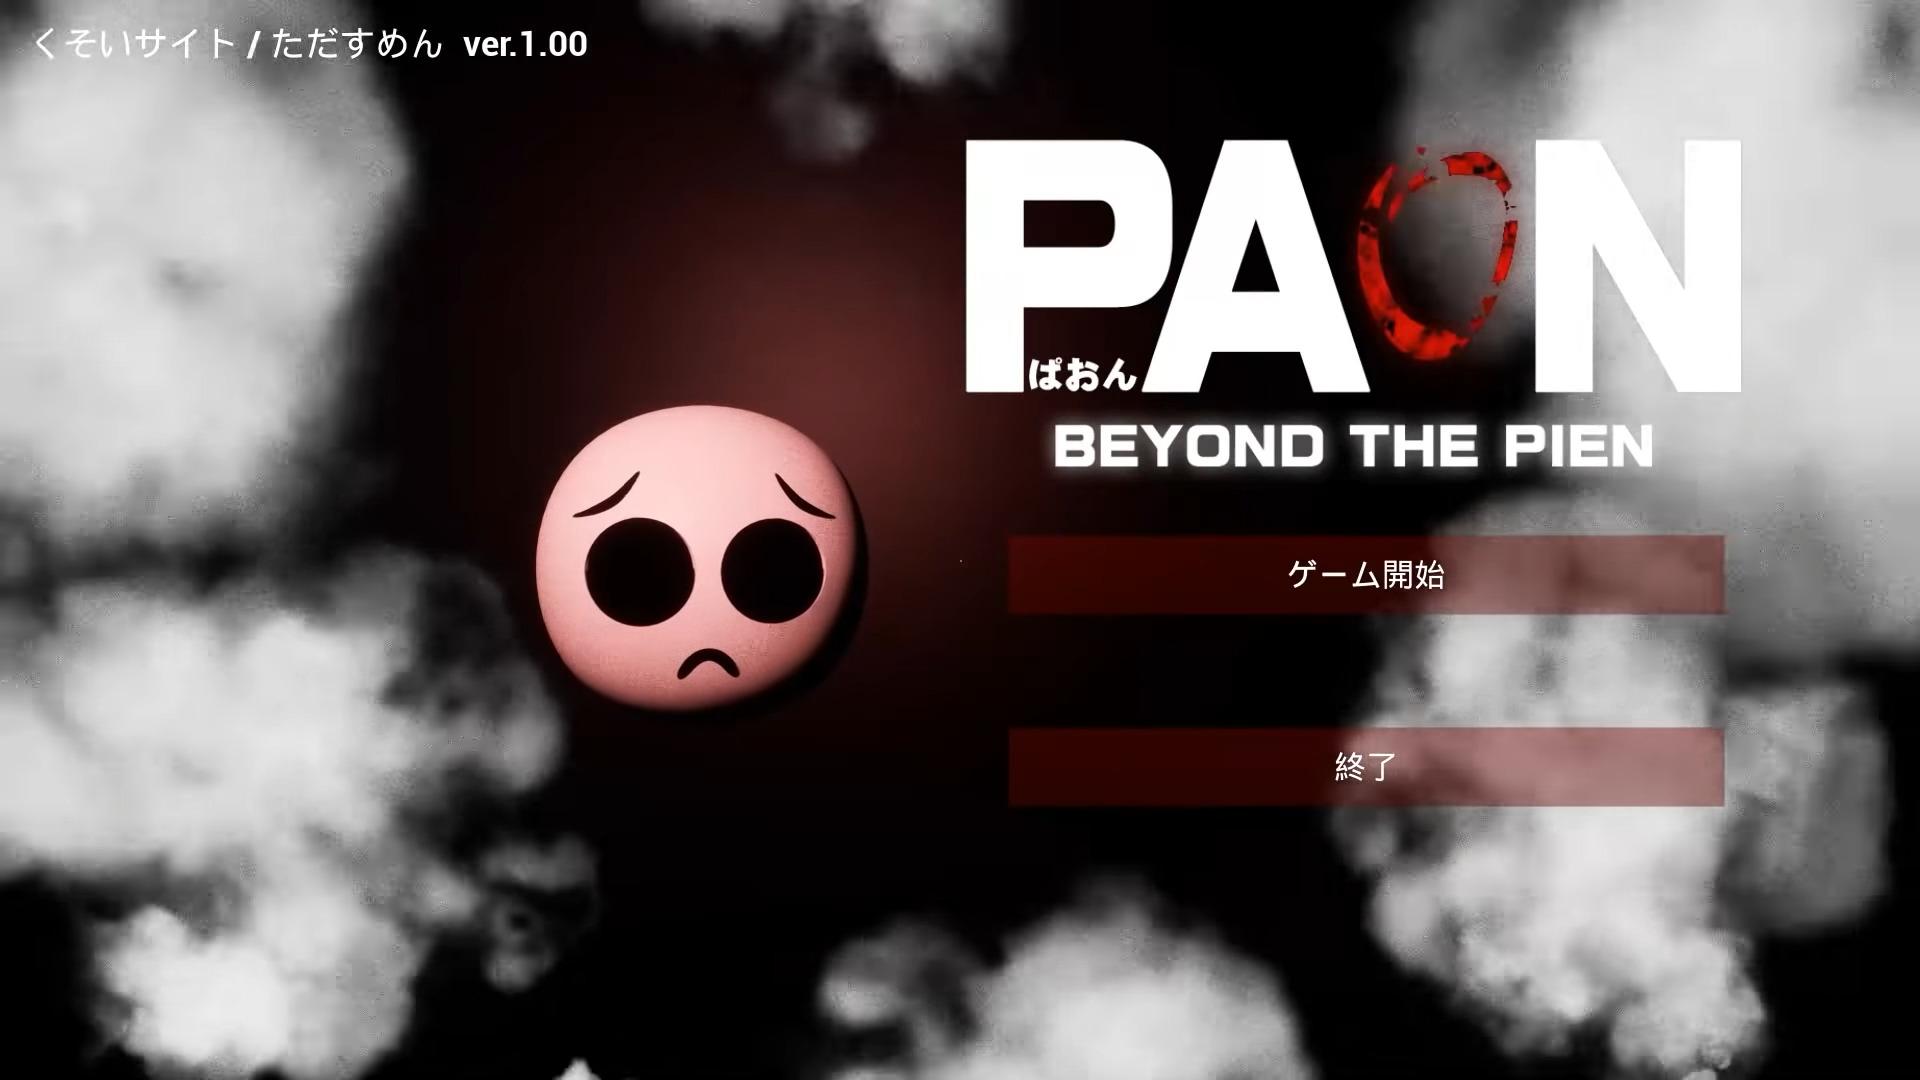 【ホラゲ】PIEN(ぴえん)の新作?「PAON(ぱおん)」とは?【PAON】